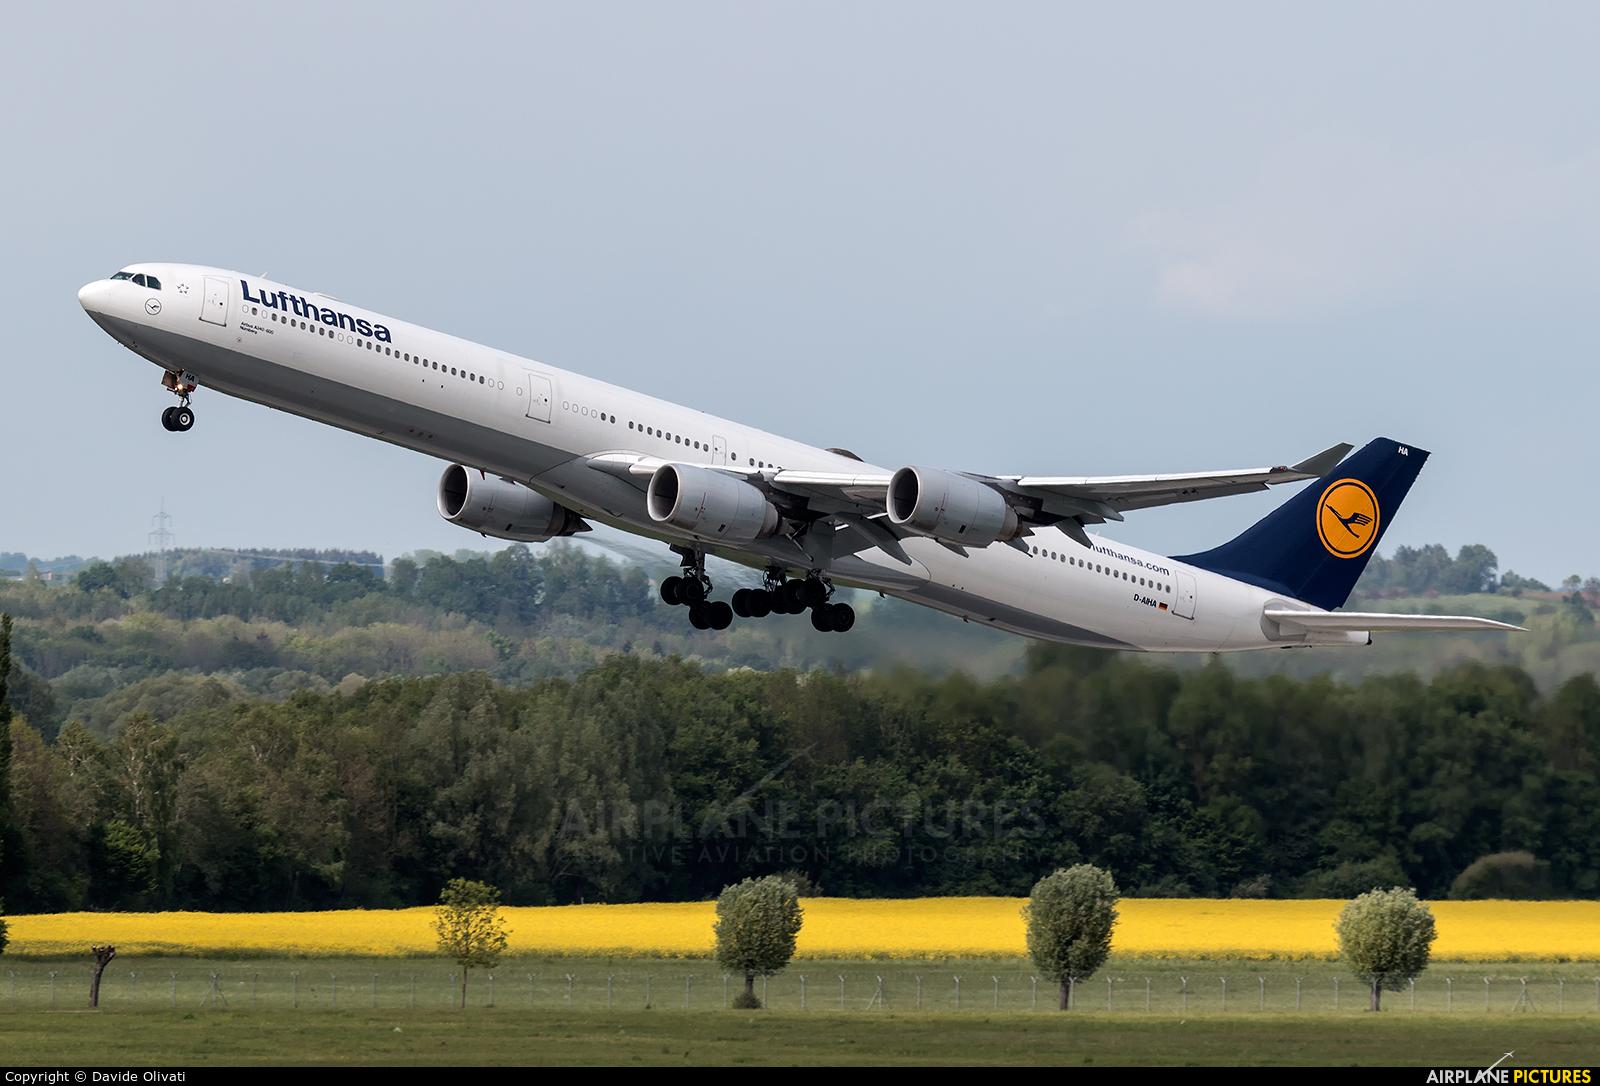 Lufthansa D-AIHA aircraft at Munich